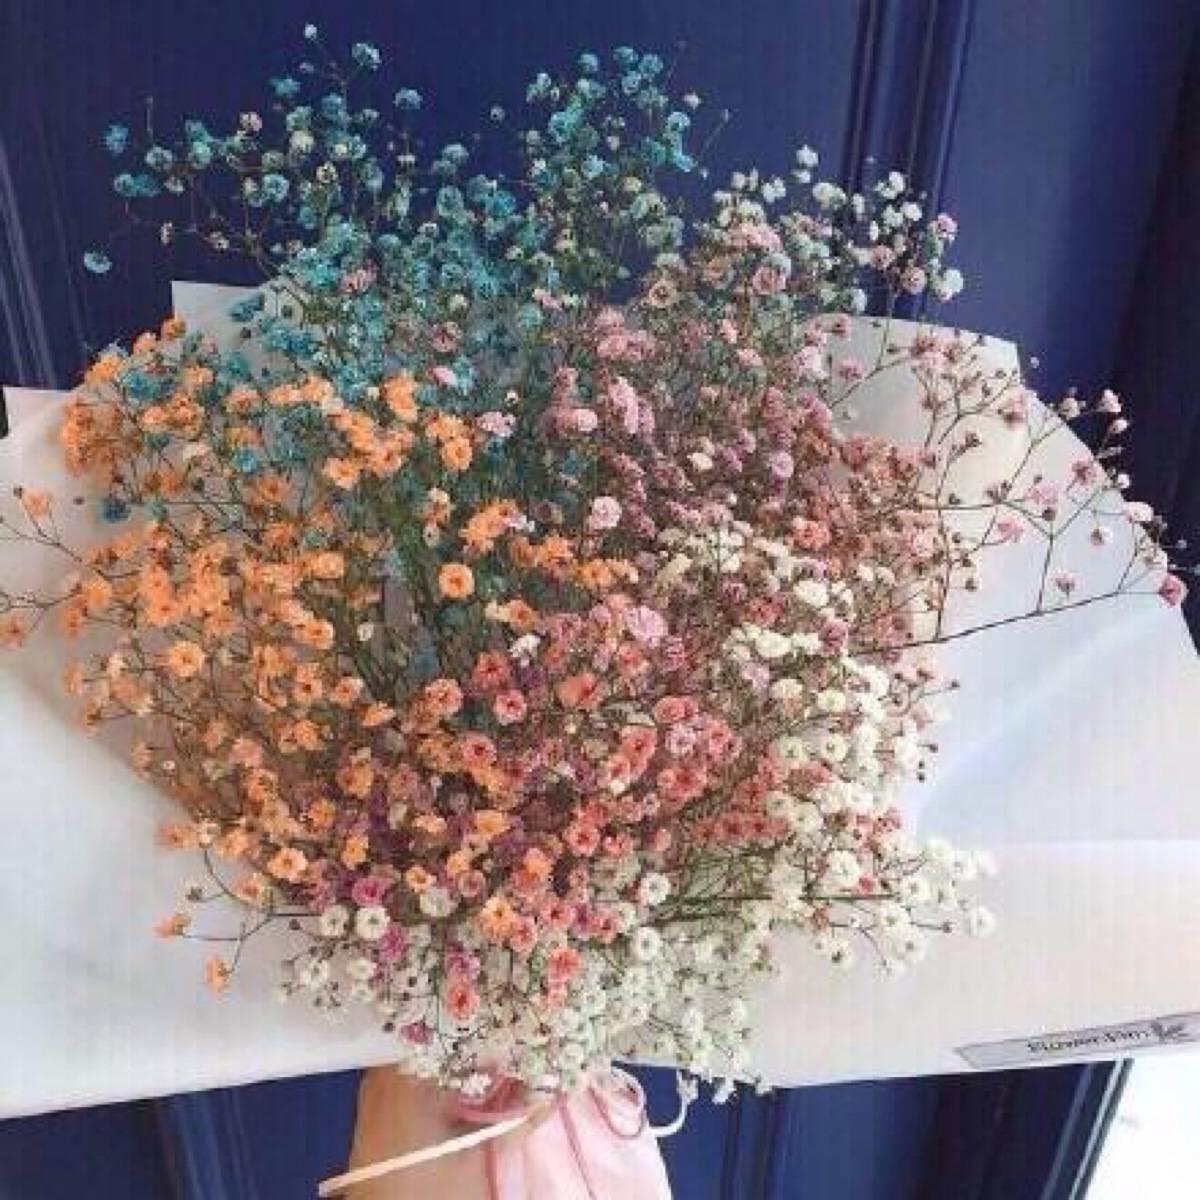 一枝独秀 天然真花干花花艺 满天星花束花篮 客厅装饰